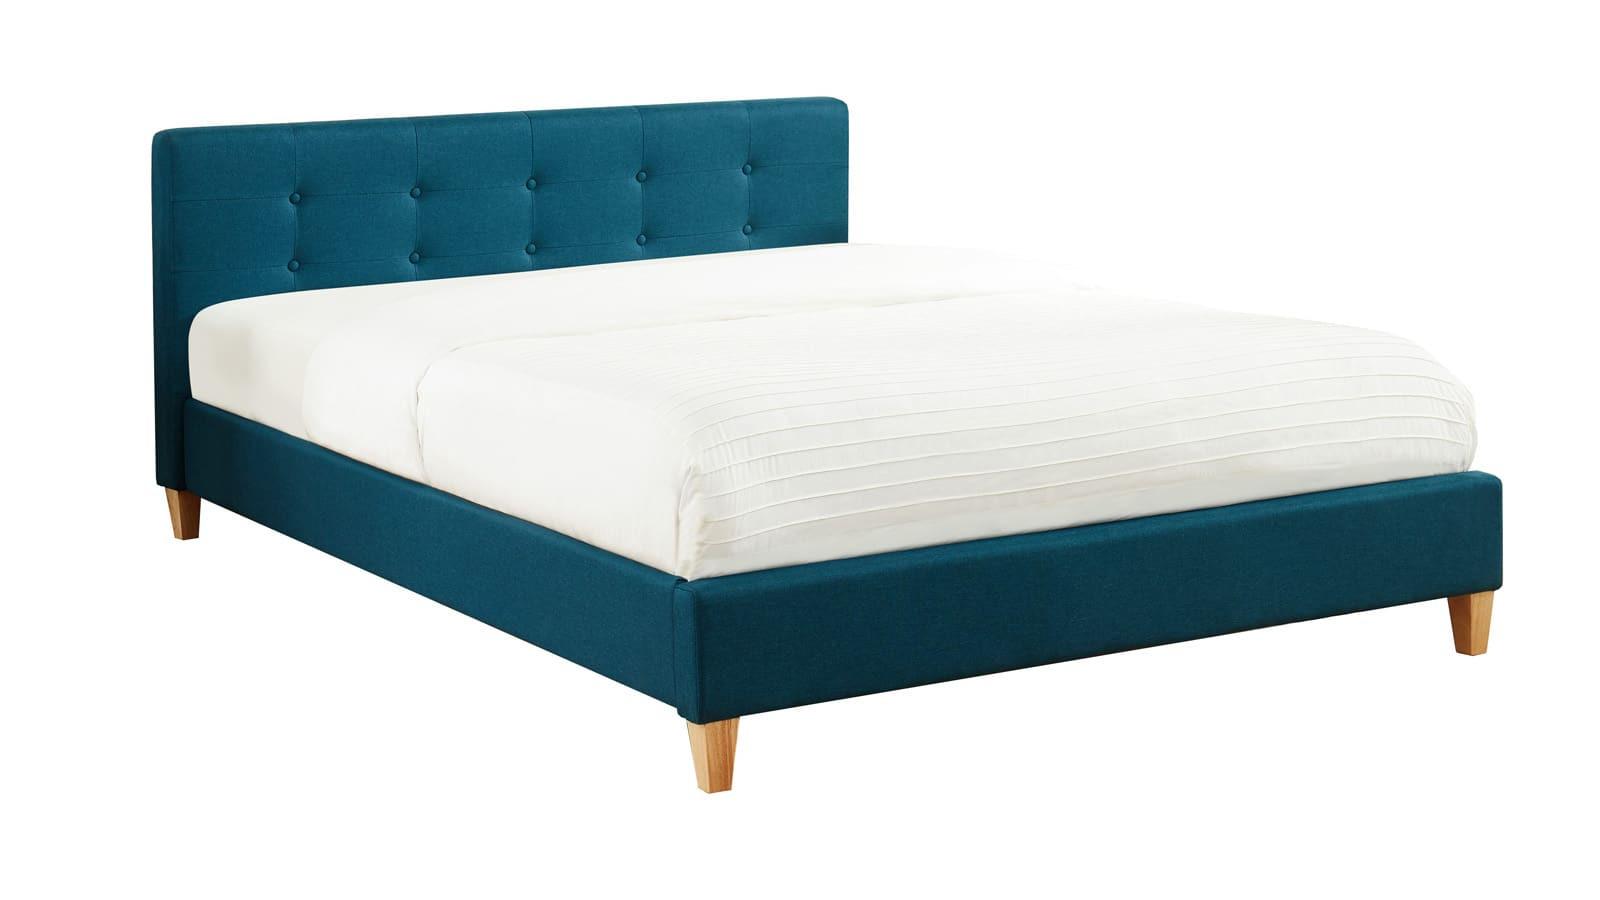 Lit bleu canard 140x190 avec sommier à lattes et tête de lit